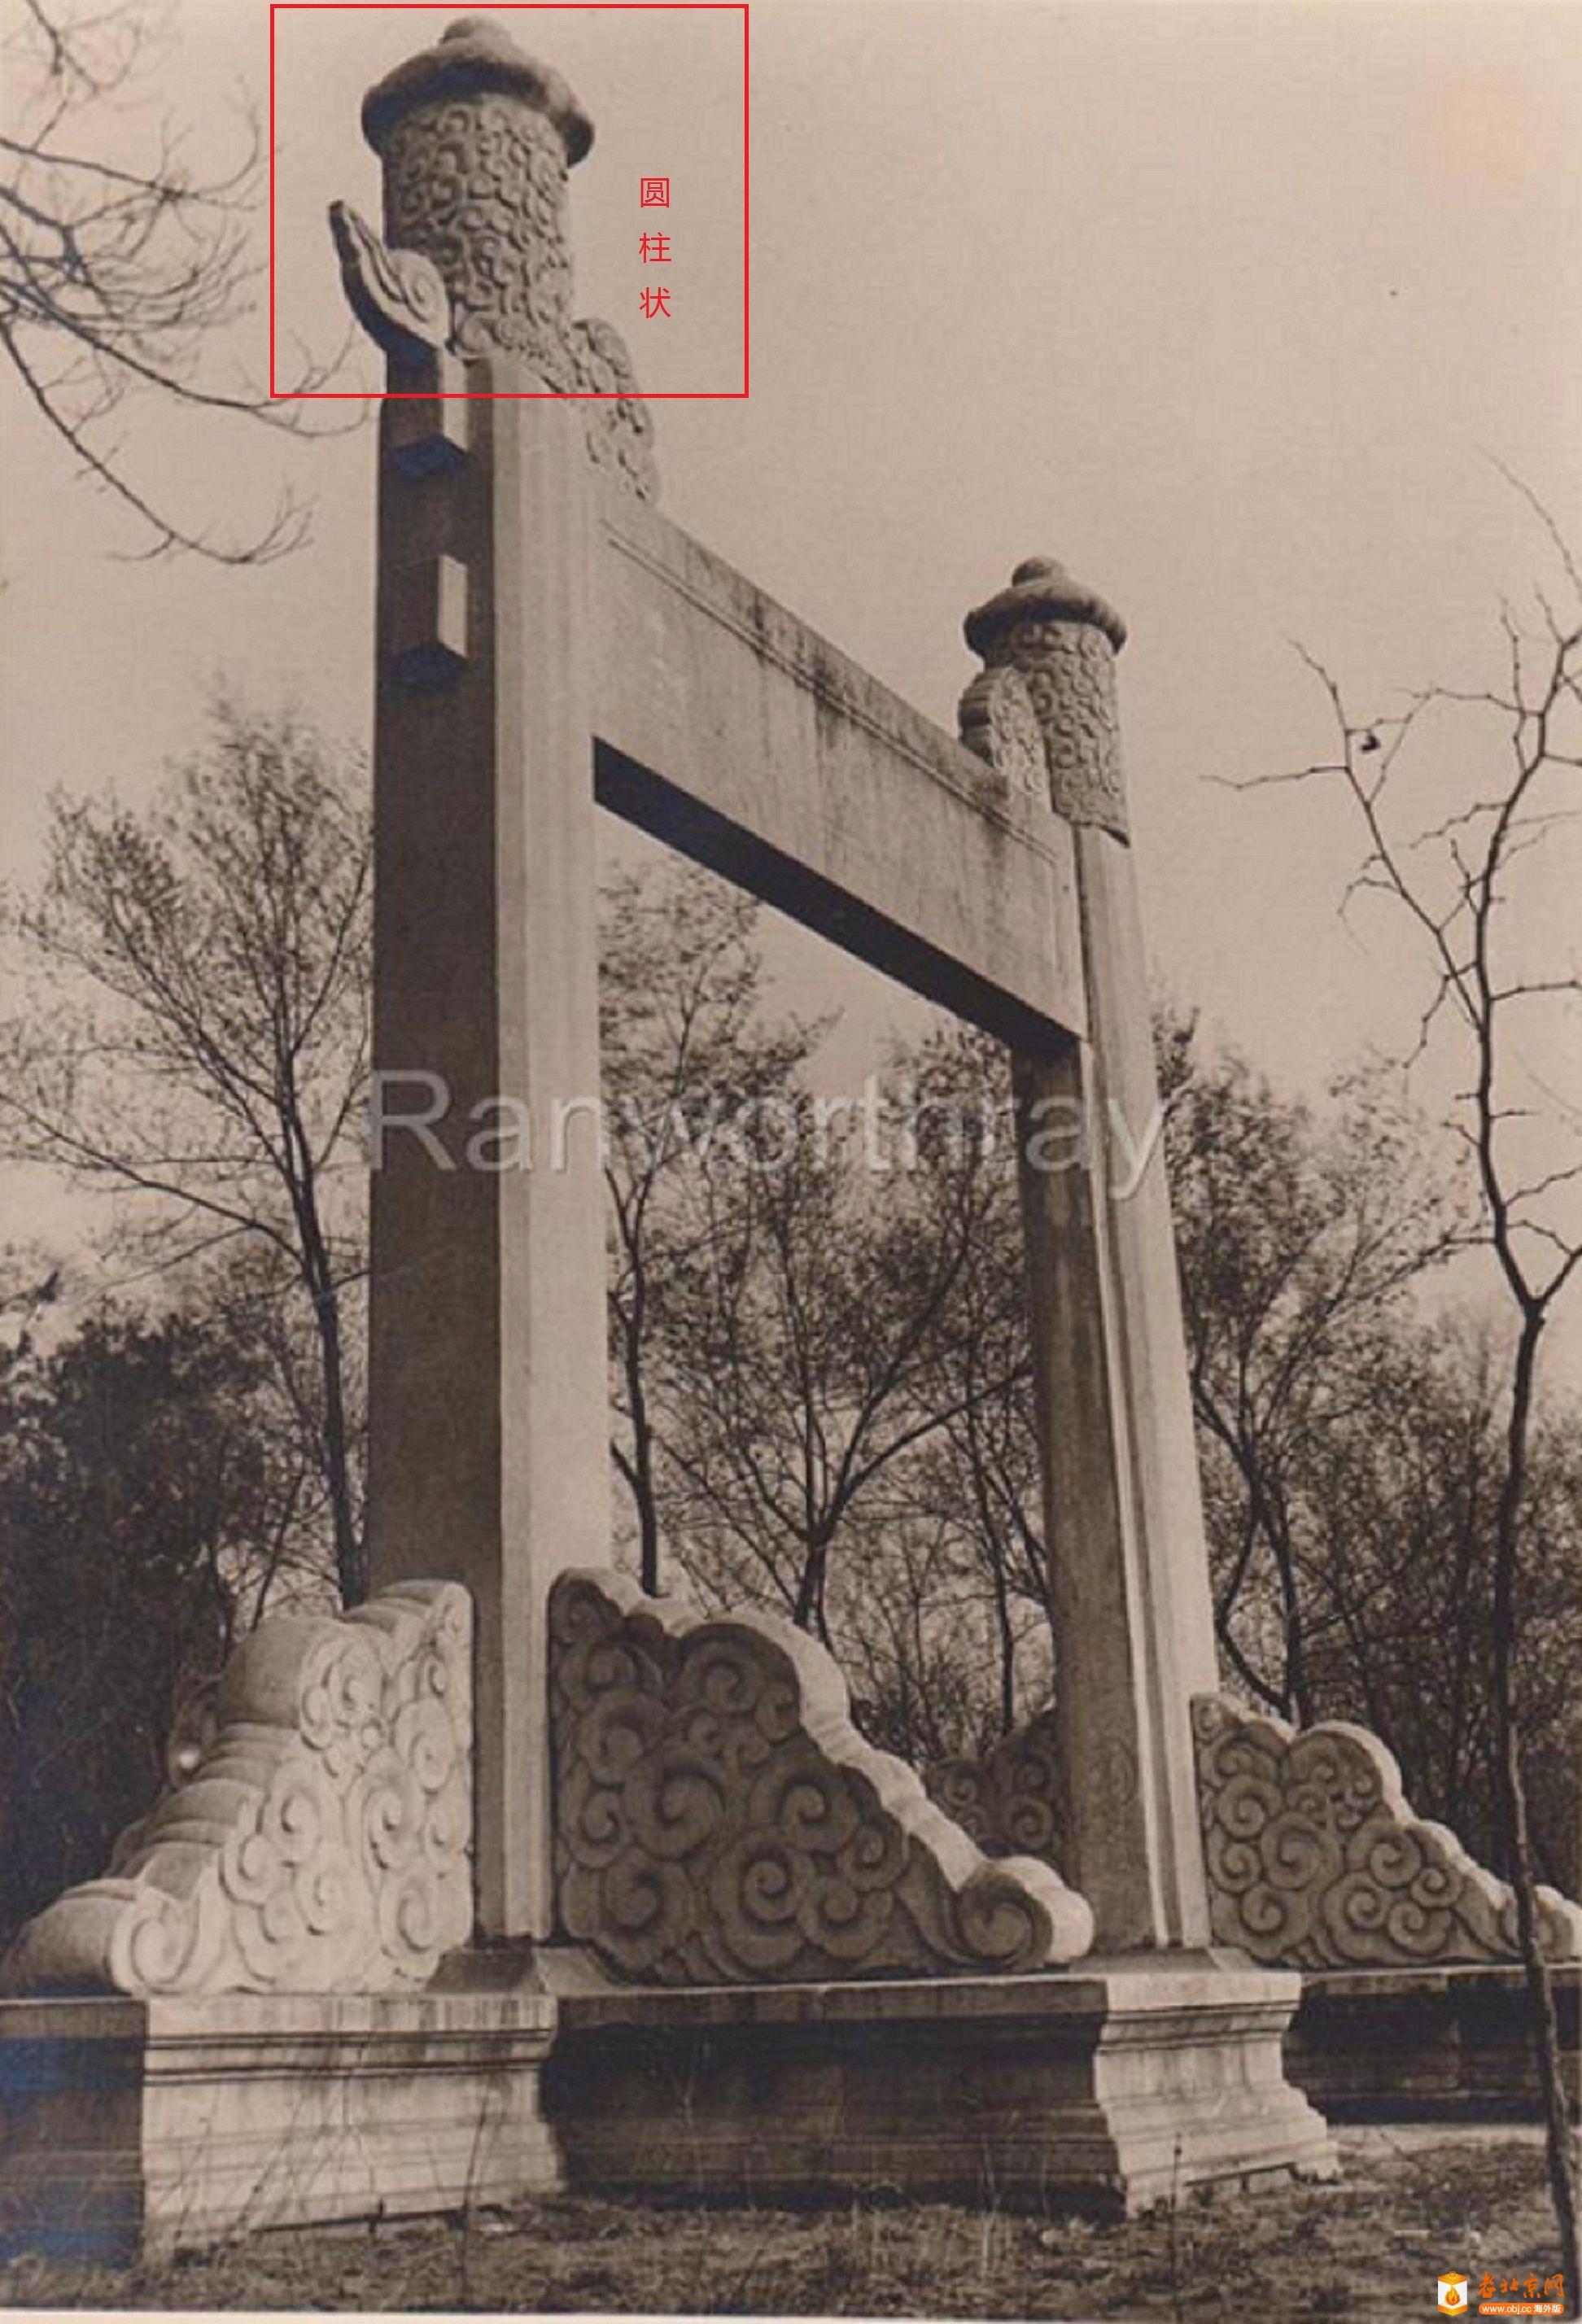 136.北京的石牌坊              (1940年) - 副本.jpg